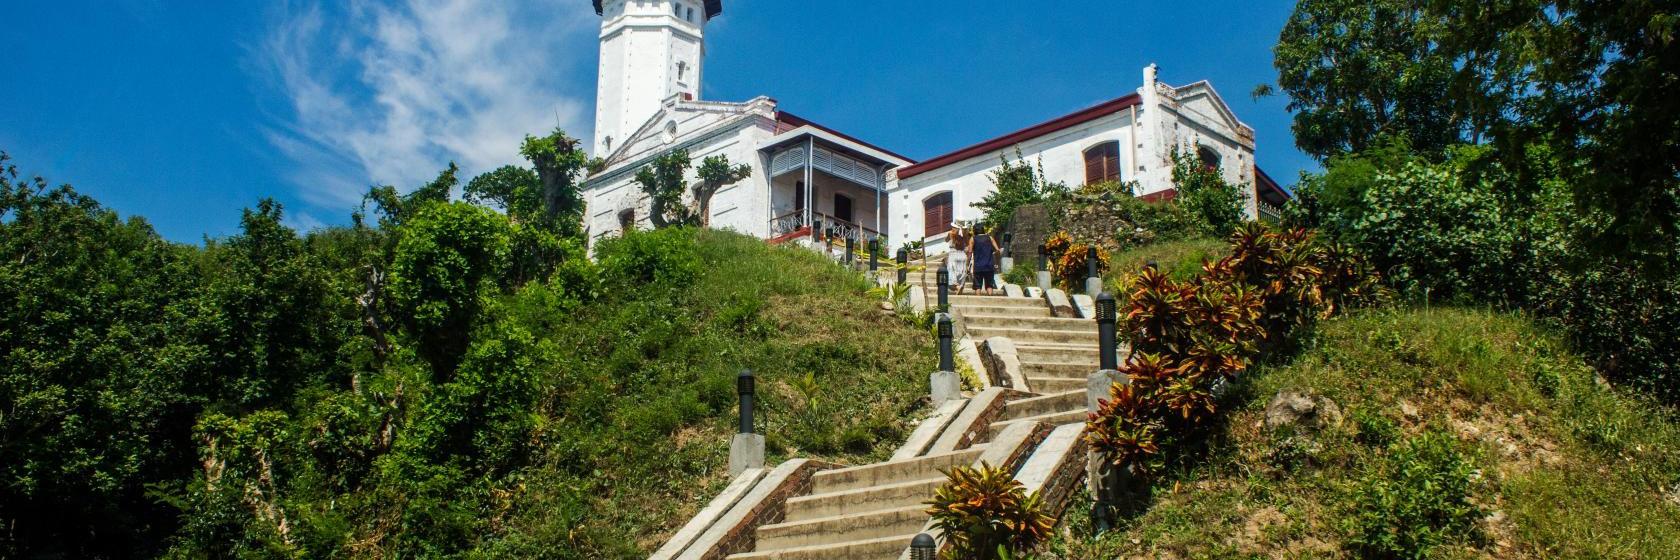 Mejores hoteles y hospedajes cerca de Burgos, Filipinas